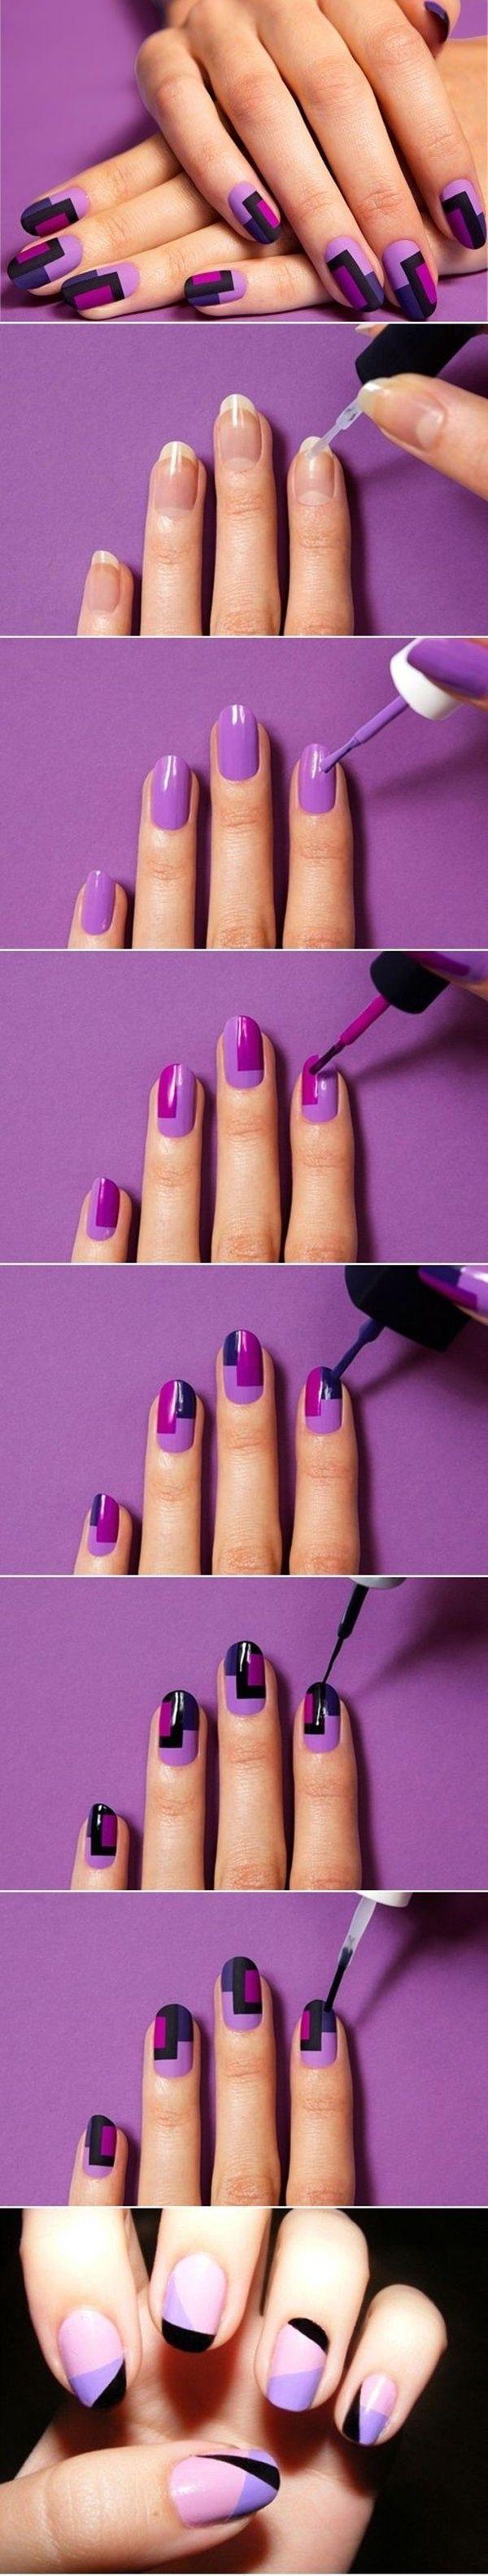 15 Super Easy DIY Nail Art Designs that Look Premium